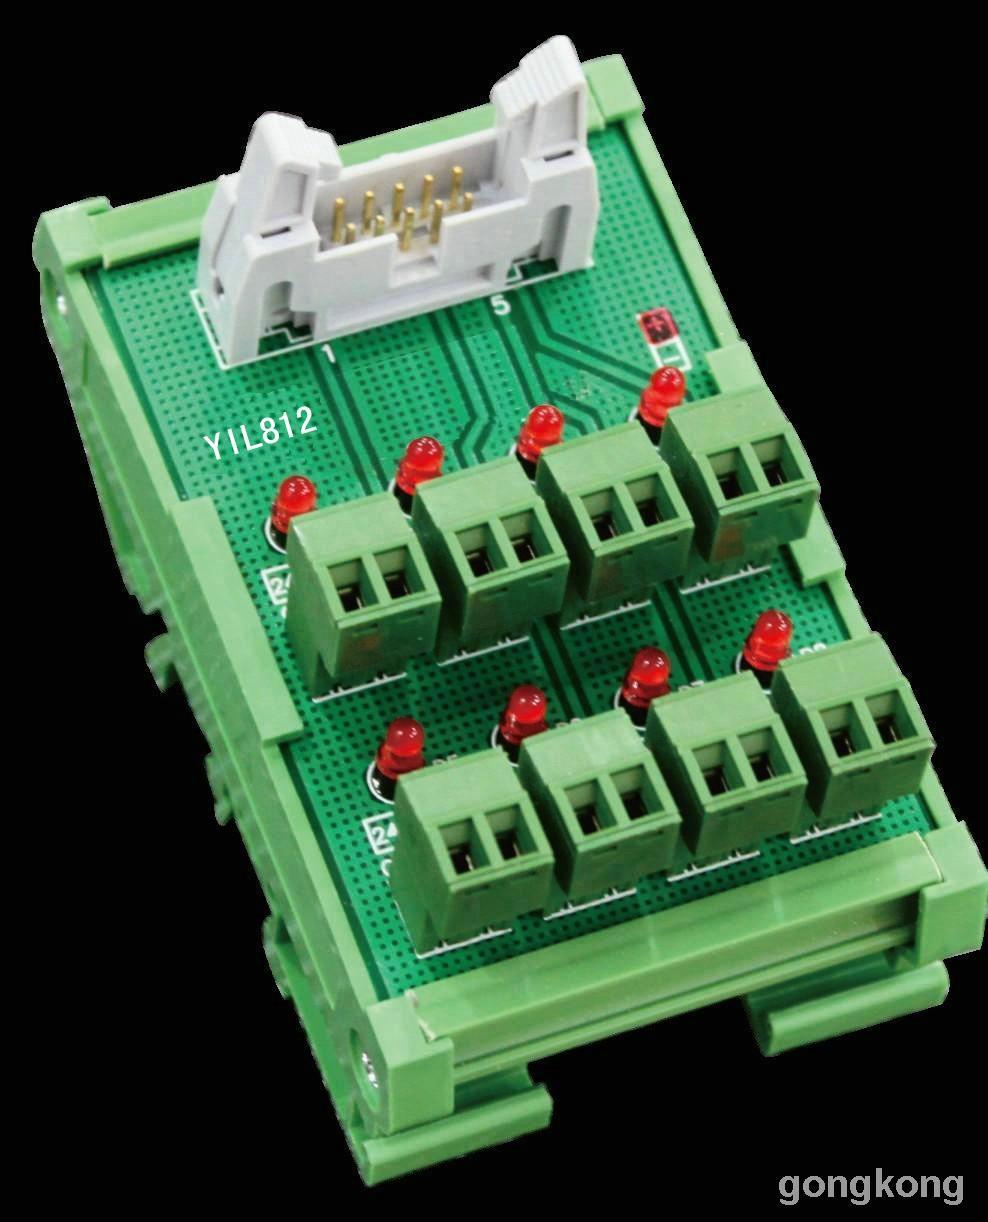 PLC模块 计数模块 通讯模块 继电器模组块YIL812